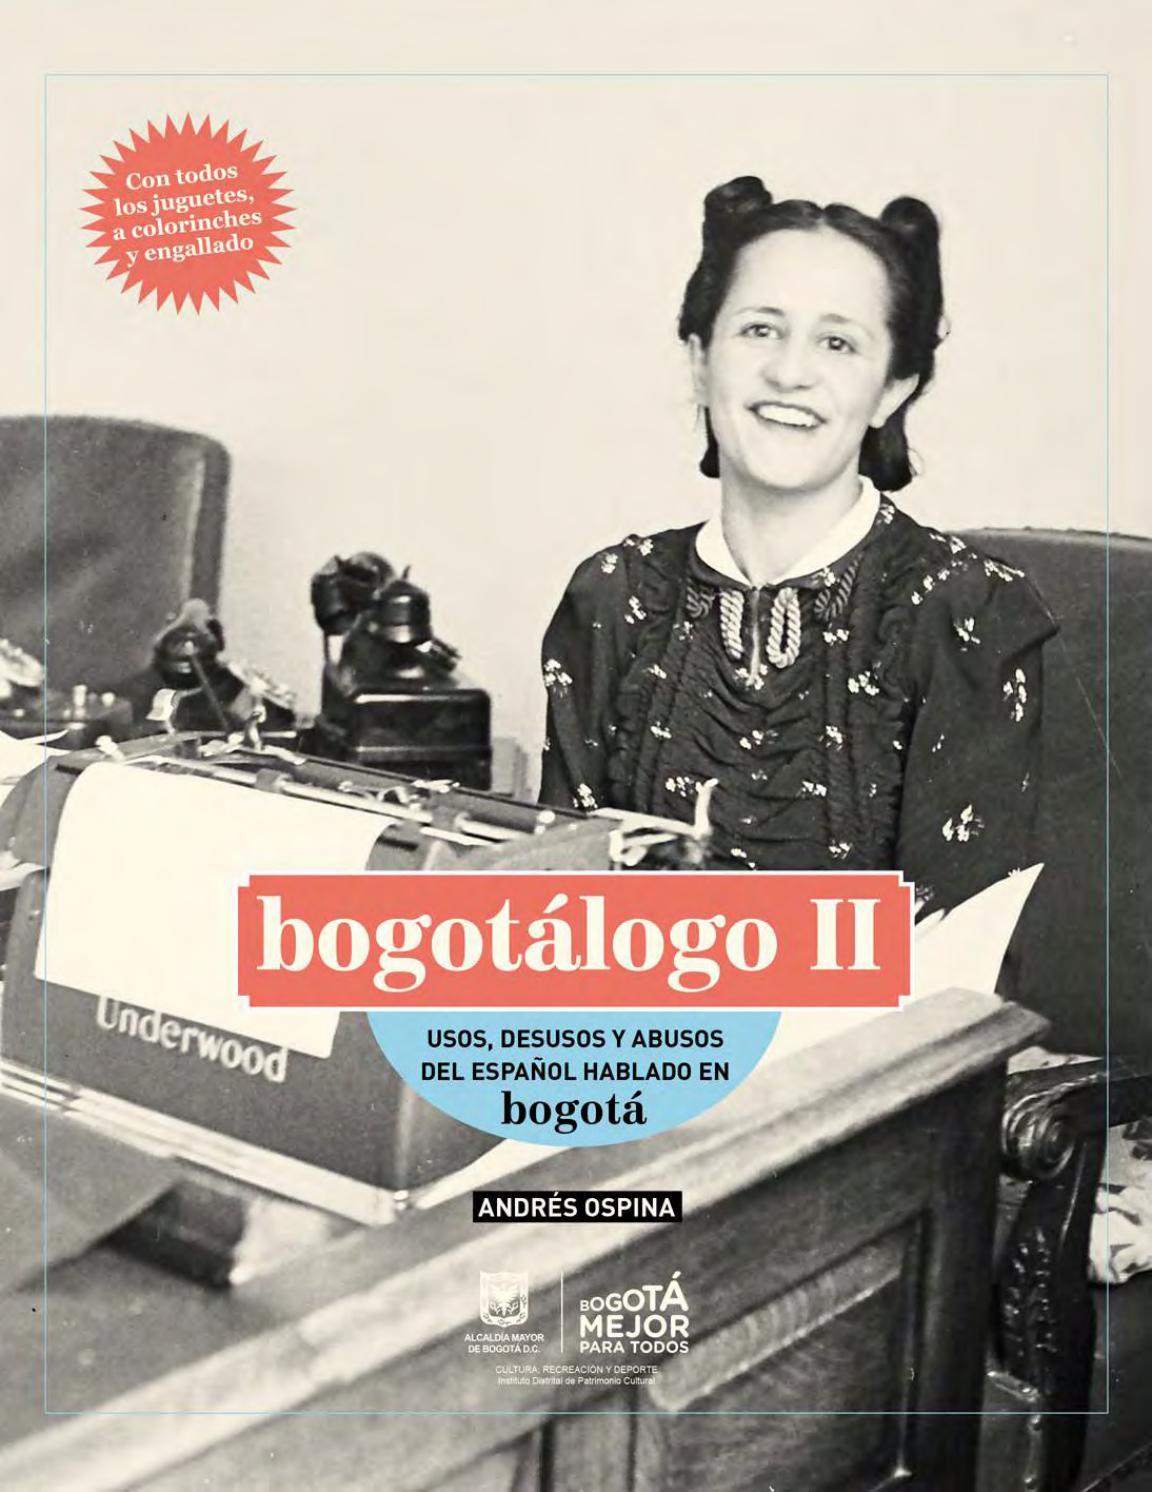 6c1ff2fa8f2d Bogotálogo II: usos, desusos y abusos del español hablado en Bogotá ...